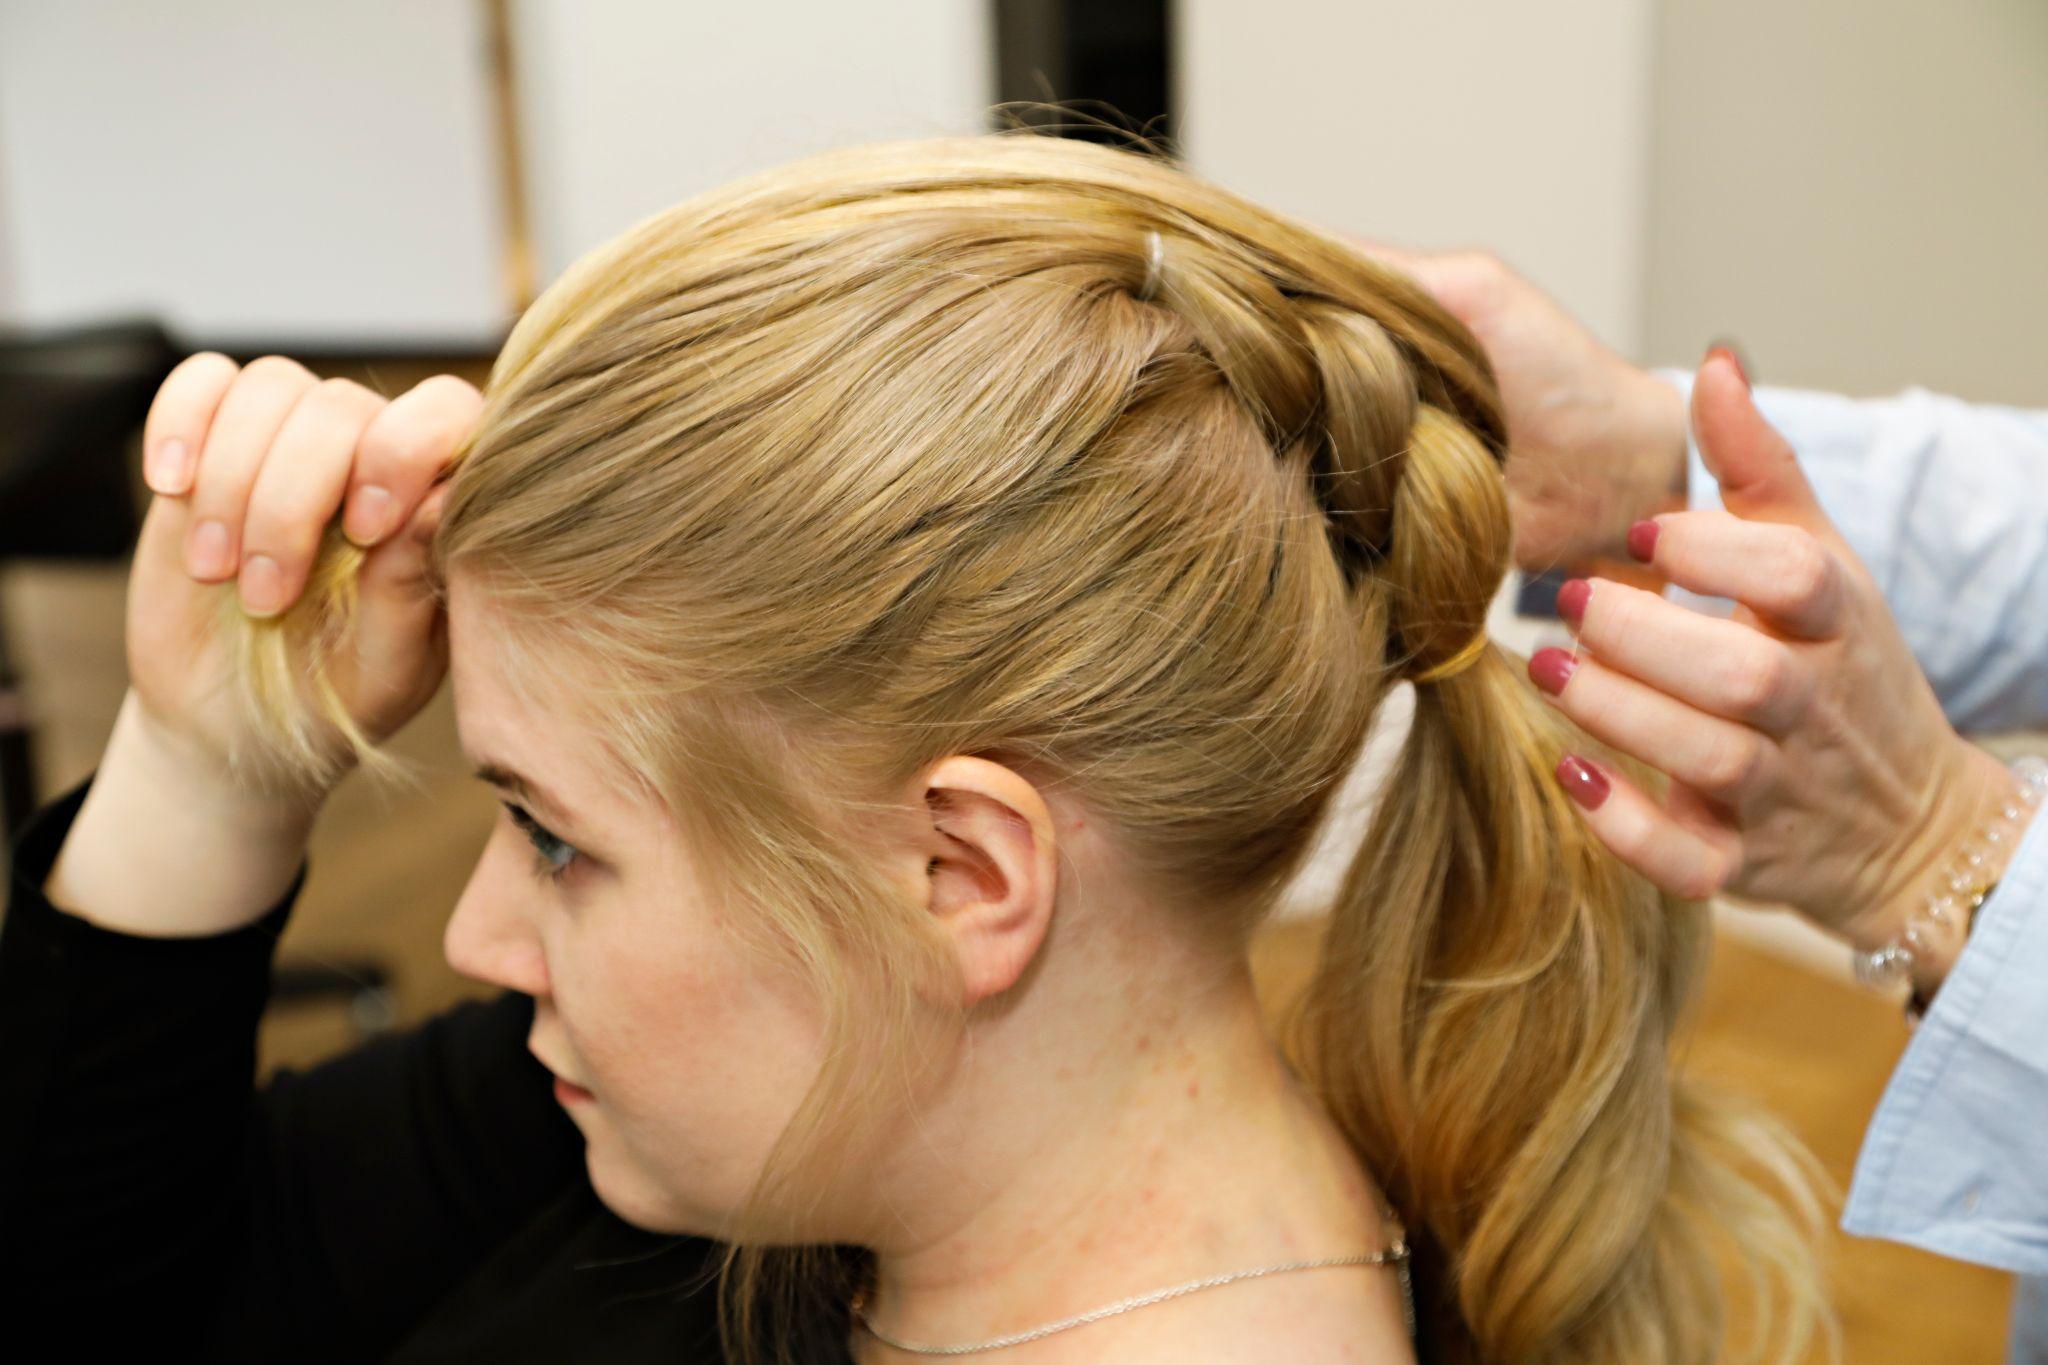 Gjenta prosessen nedover: Del hestehale nummer to i to deler og legg hestehale nummer tre mellom og opp mot ansiktet. Ta opp mer hår fra sidene og fest de to delene med strikk.